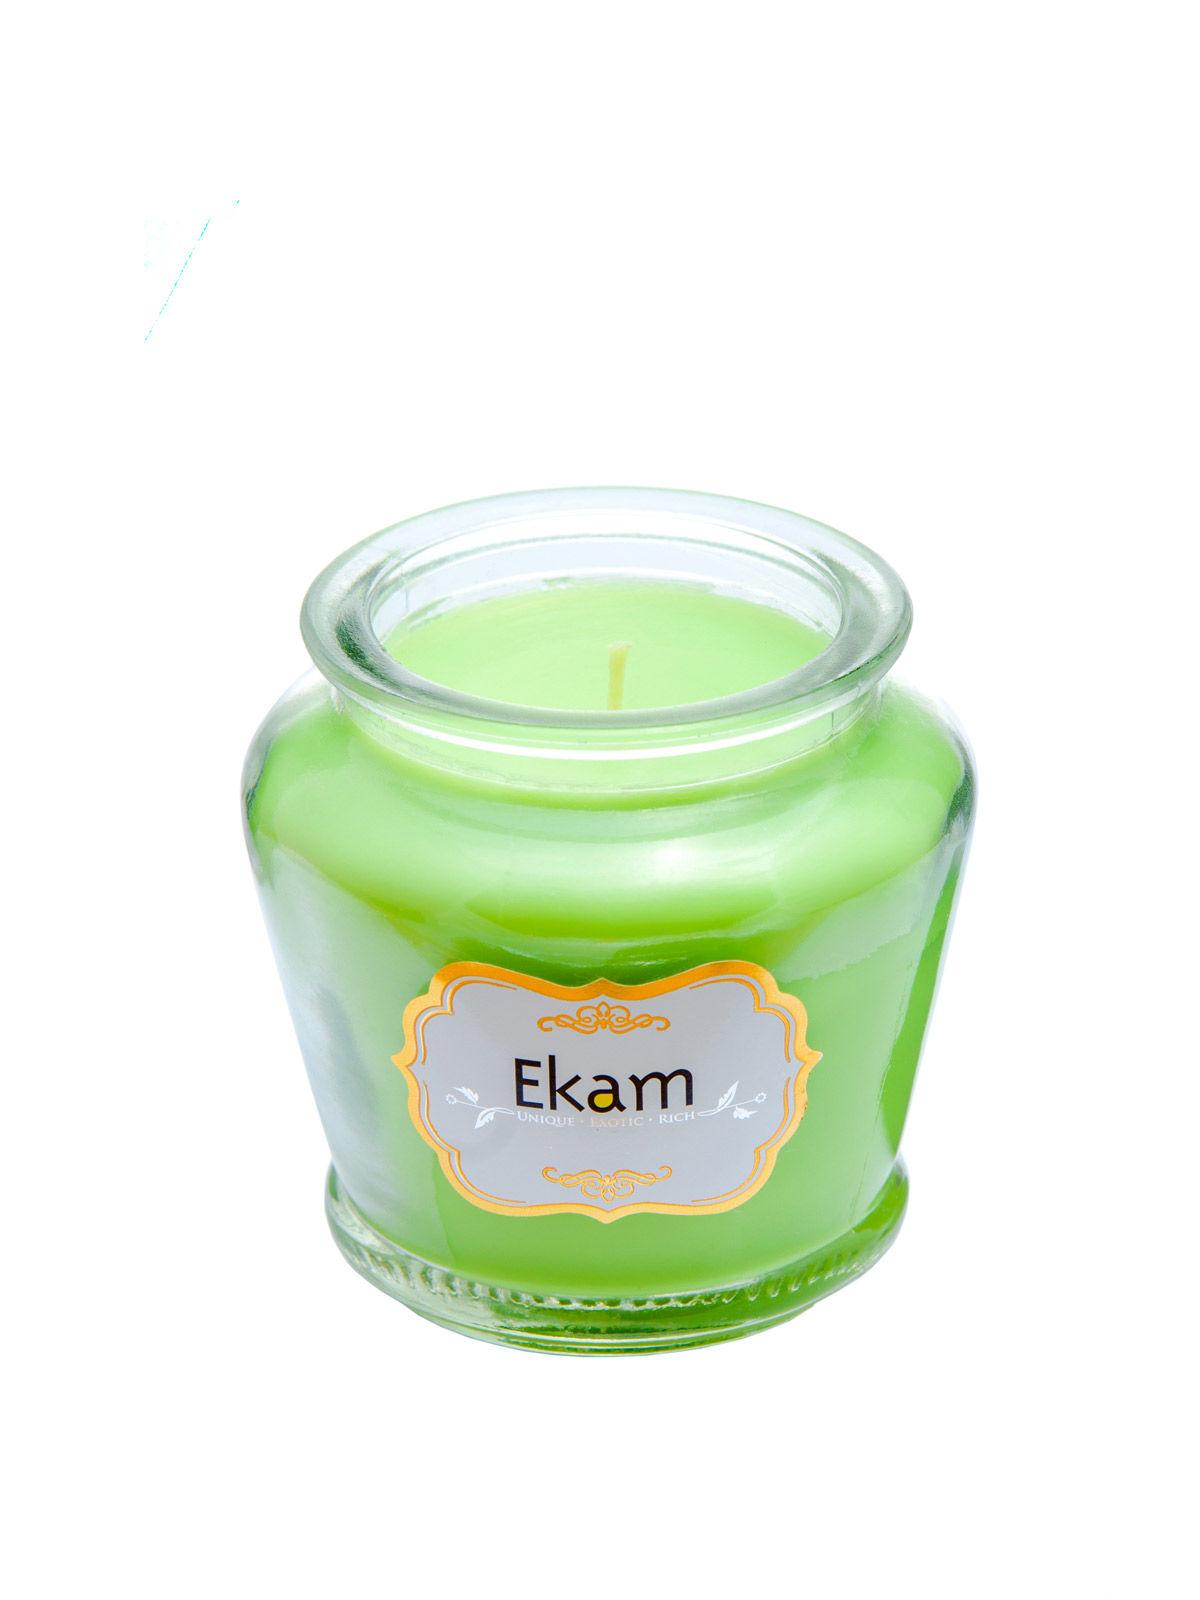 Jasmine Lampshade Candle